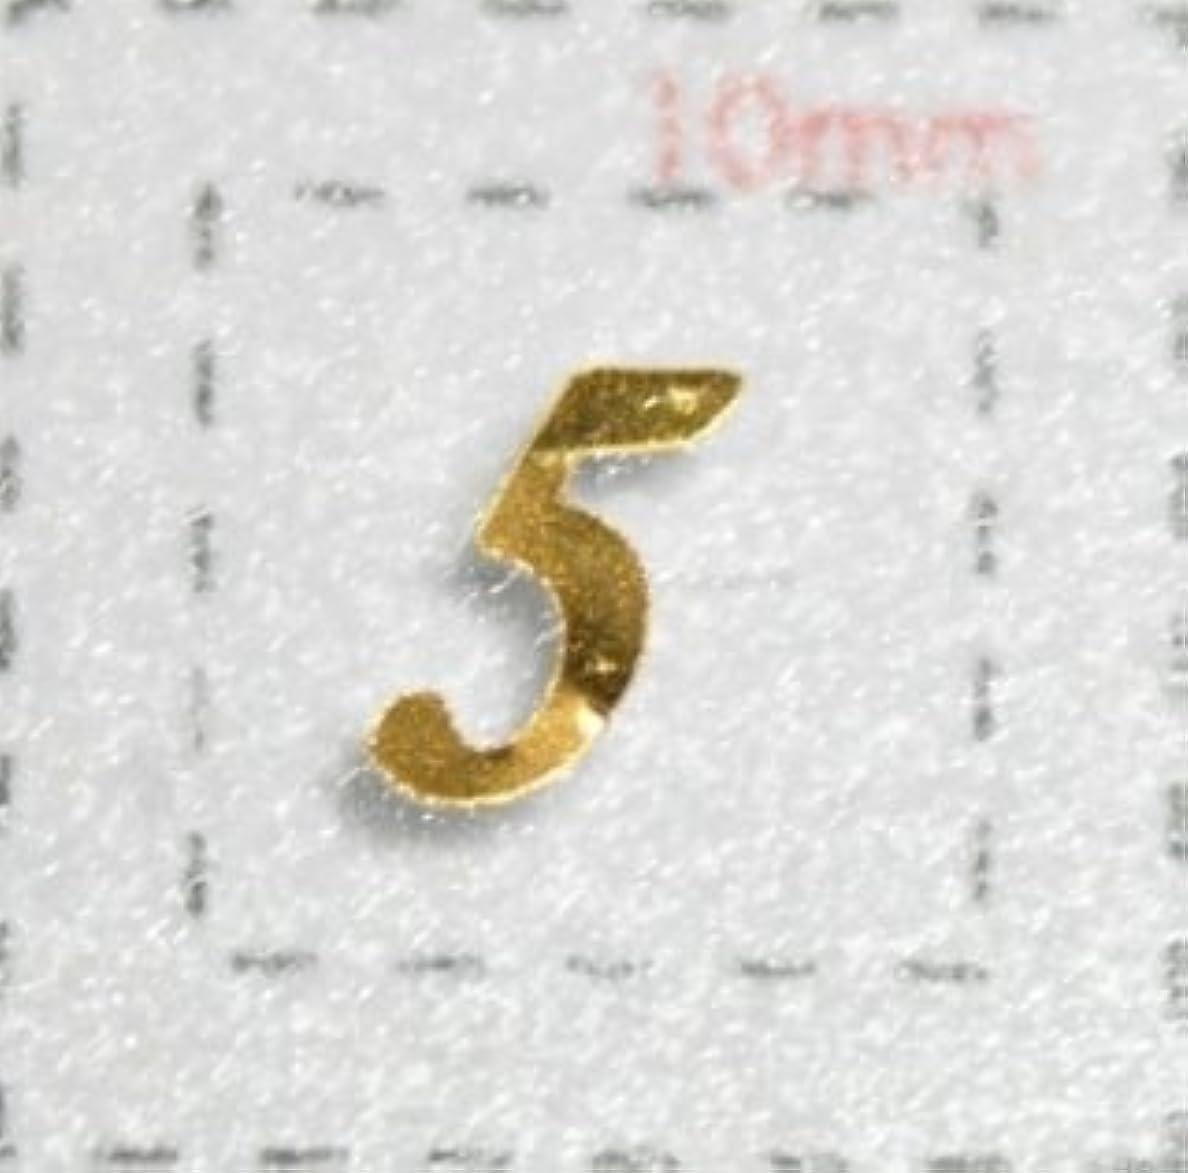 シーフードピークオペレーター【数字ネイルシール】1筆記体《5》ゴールド/1シート9枚